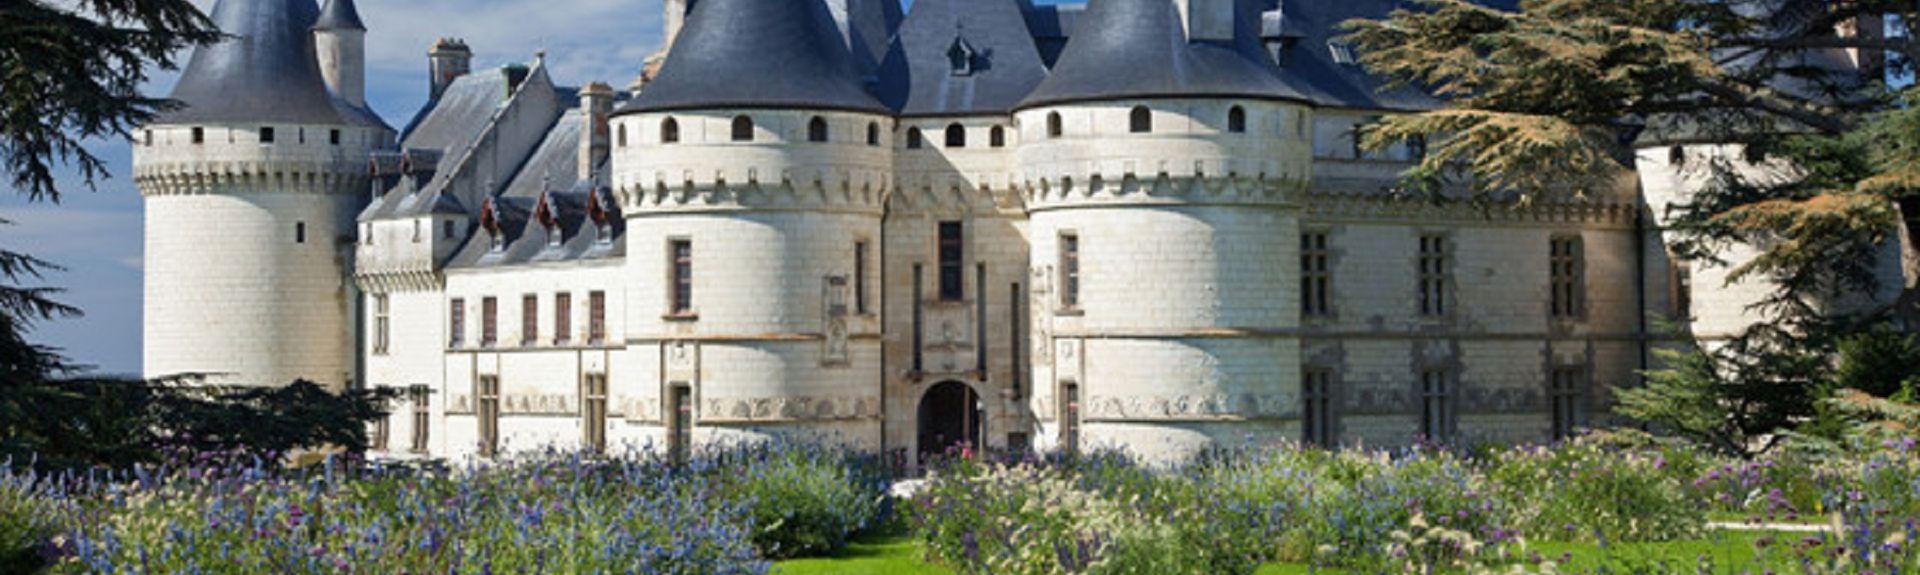 Dame-Marie-les-Bois, Indre-et-Loire (departement), Frankrijk